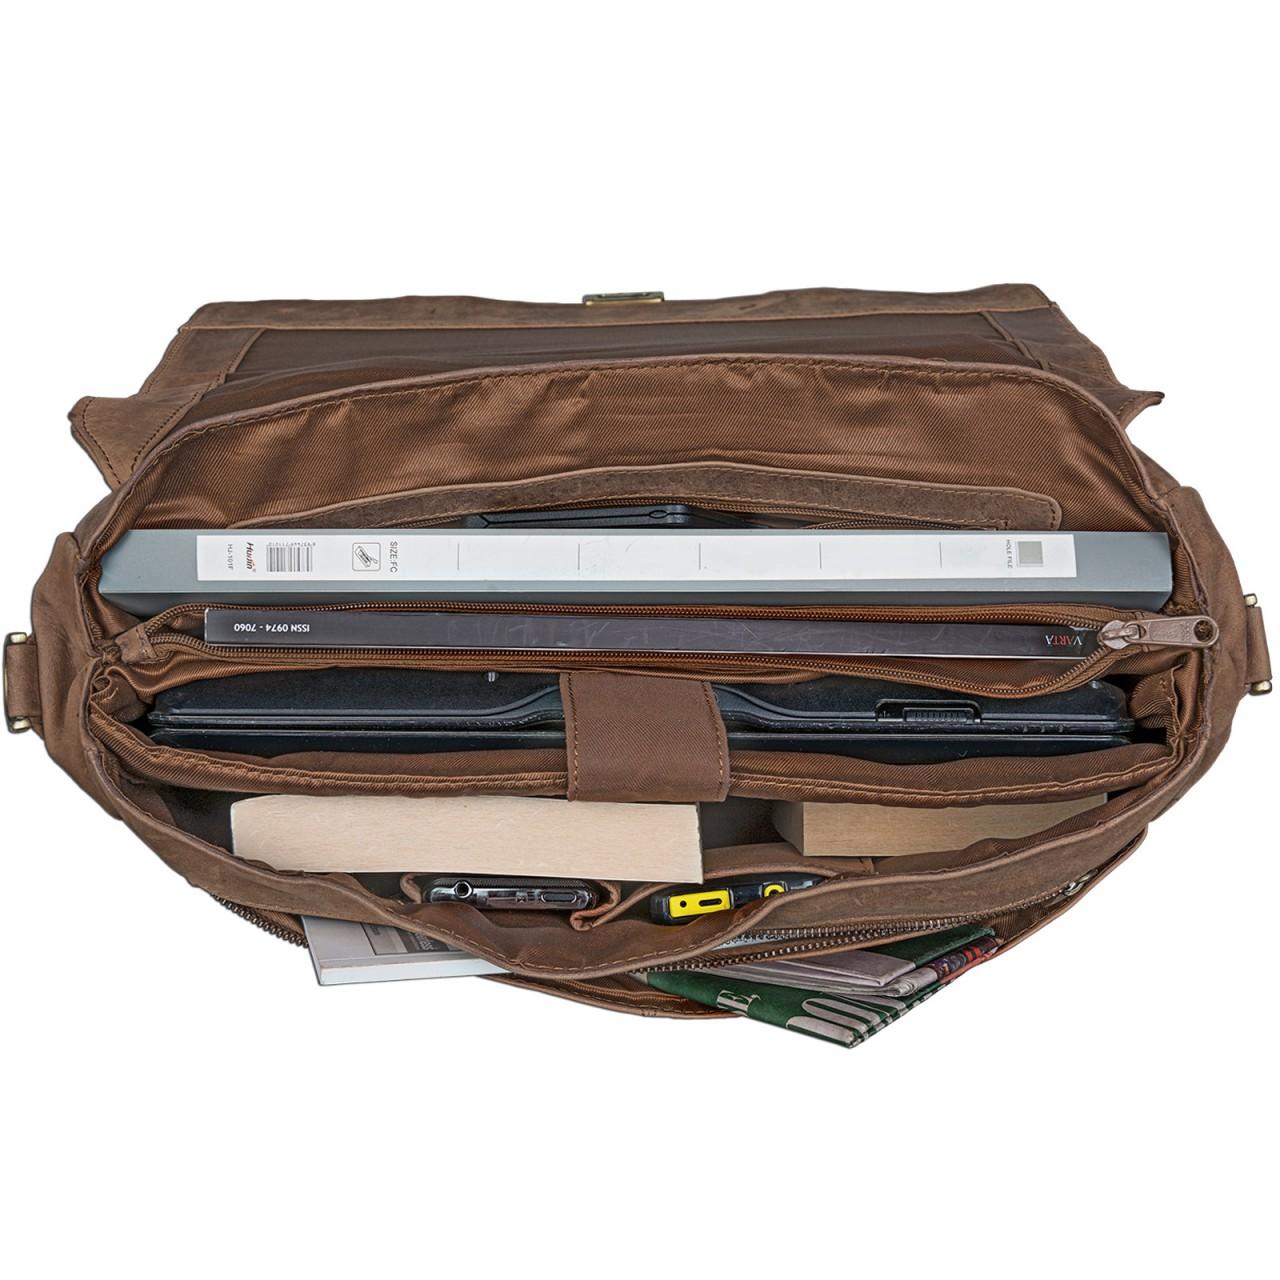 STILORD Umhängetasche 15,6 Zoll Laptoptasche Schultertasche Unitasche Bürotasche Arbeit Lehrer MacBooks Notebooktasche Leder Cognac braun - Bild 6